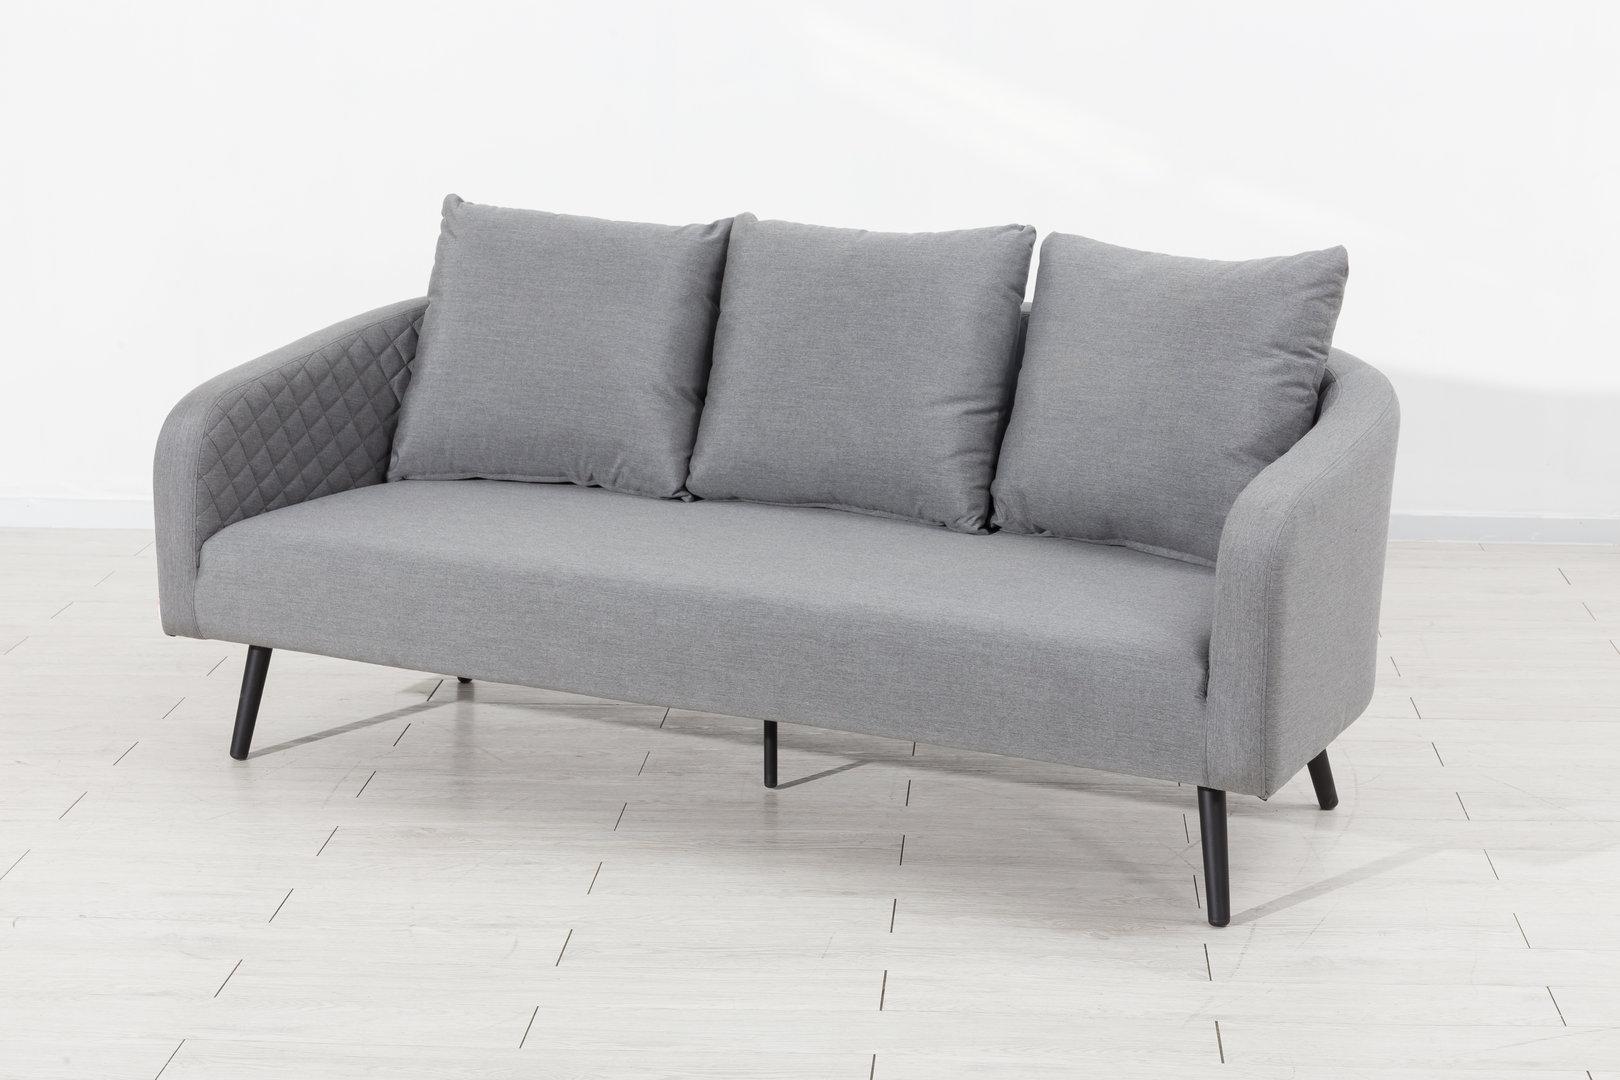 Full Size of Outdoor Sofa Wetterfest Lounge Couch Ikea Xxl Set Legacy Mit Sunbrella Bezug 100 Weiß Grau Schlaffunktion Marken Groß Led Hocker Goodlife Riess Ambiente 2er Wohnzimmer Outdoor Sofa Wetterfest